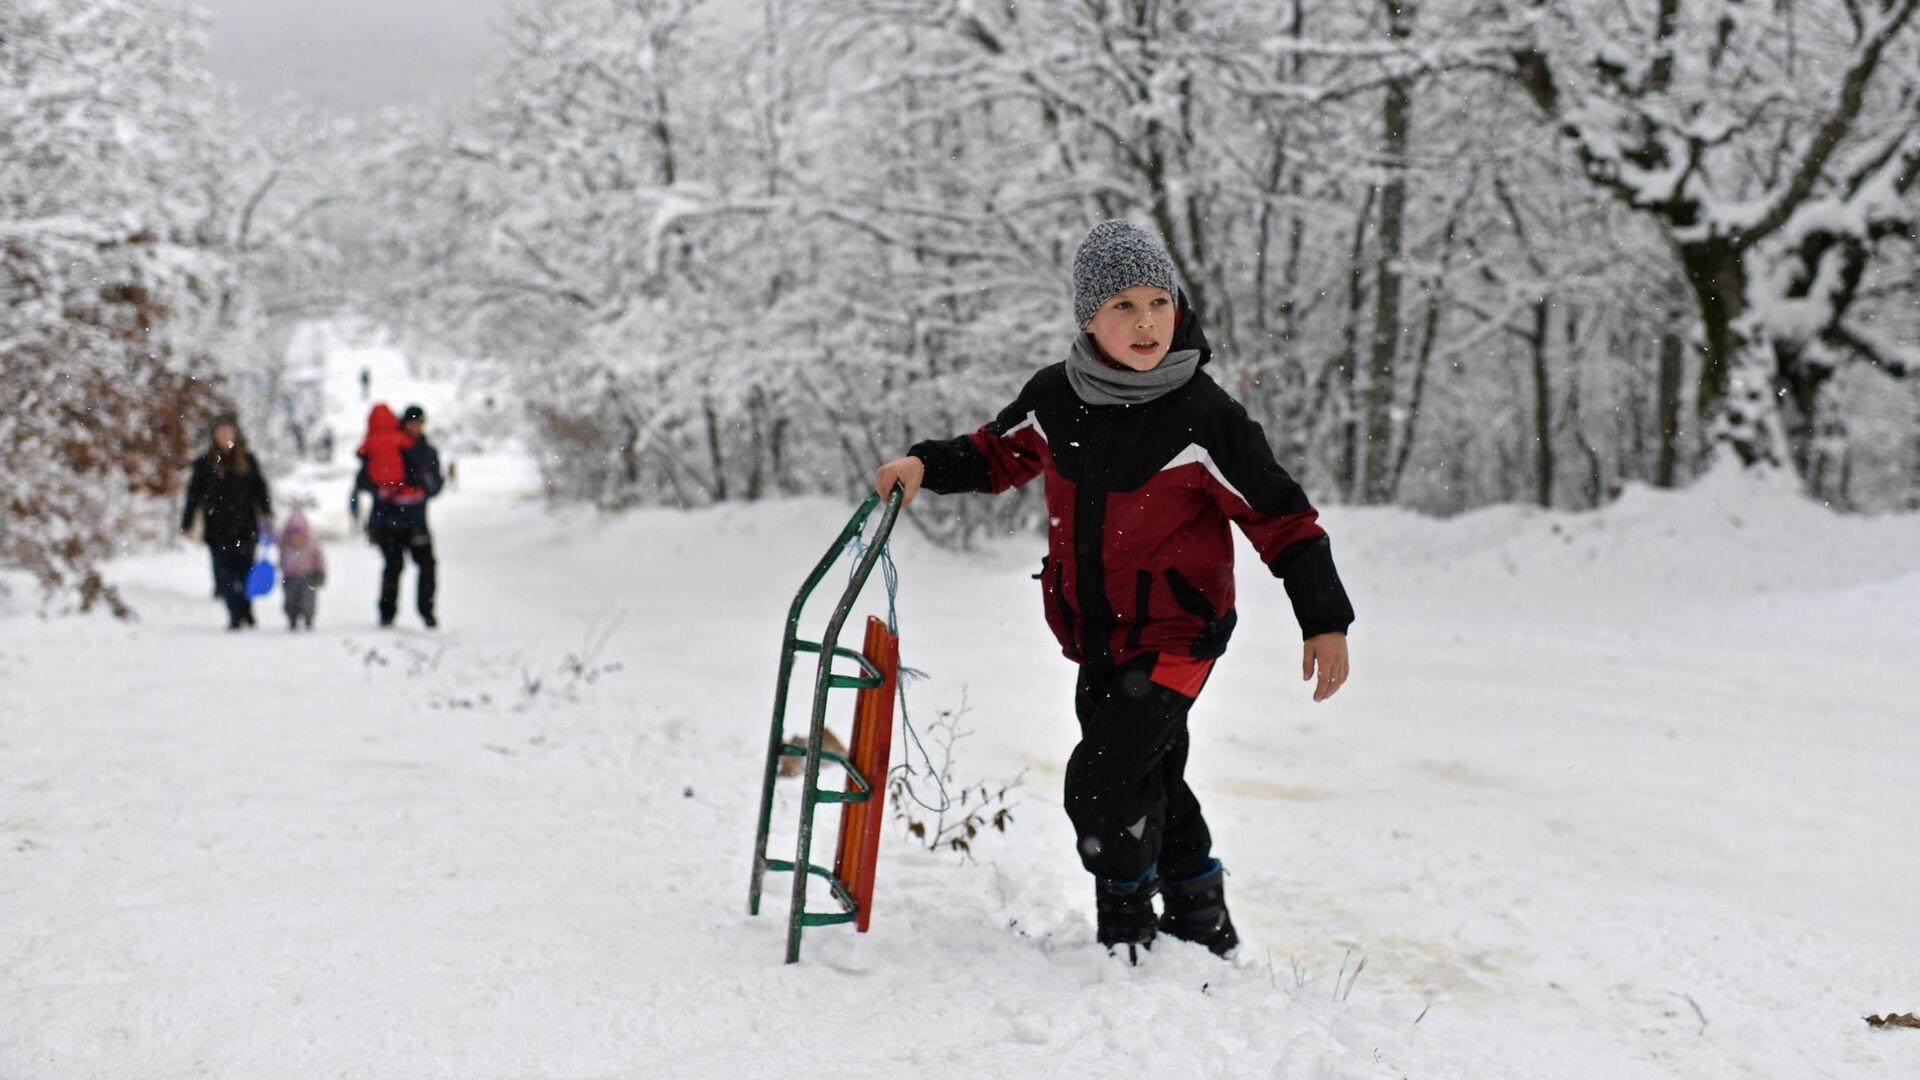 Мальчик с санками - РИА Новости, 1920, 02.12.2020